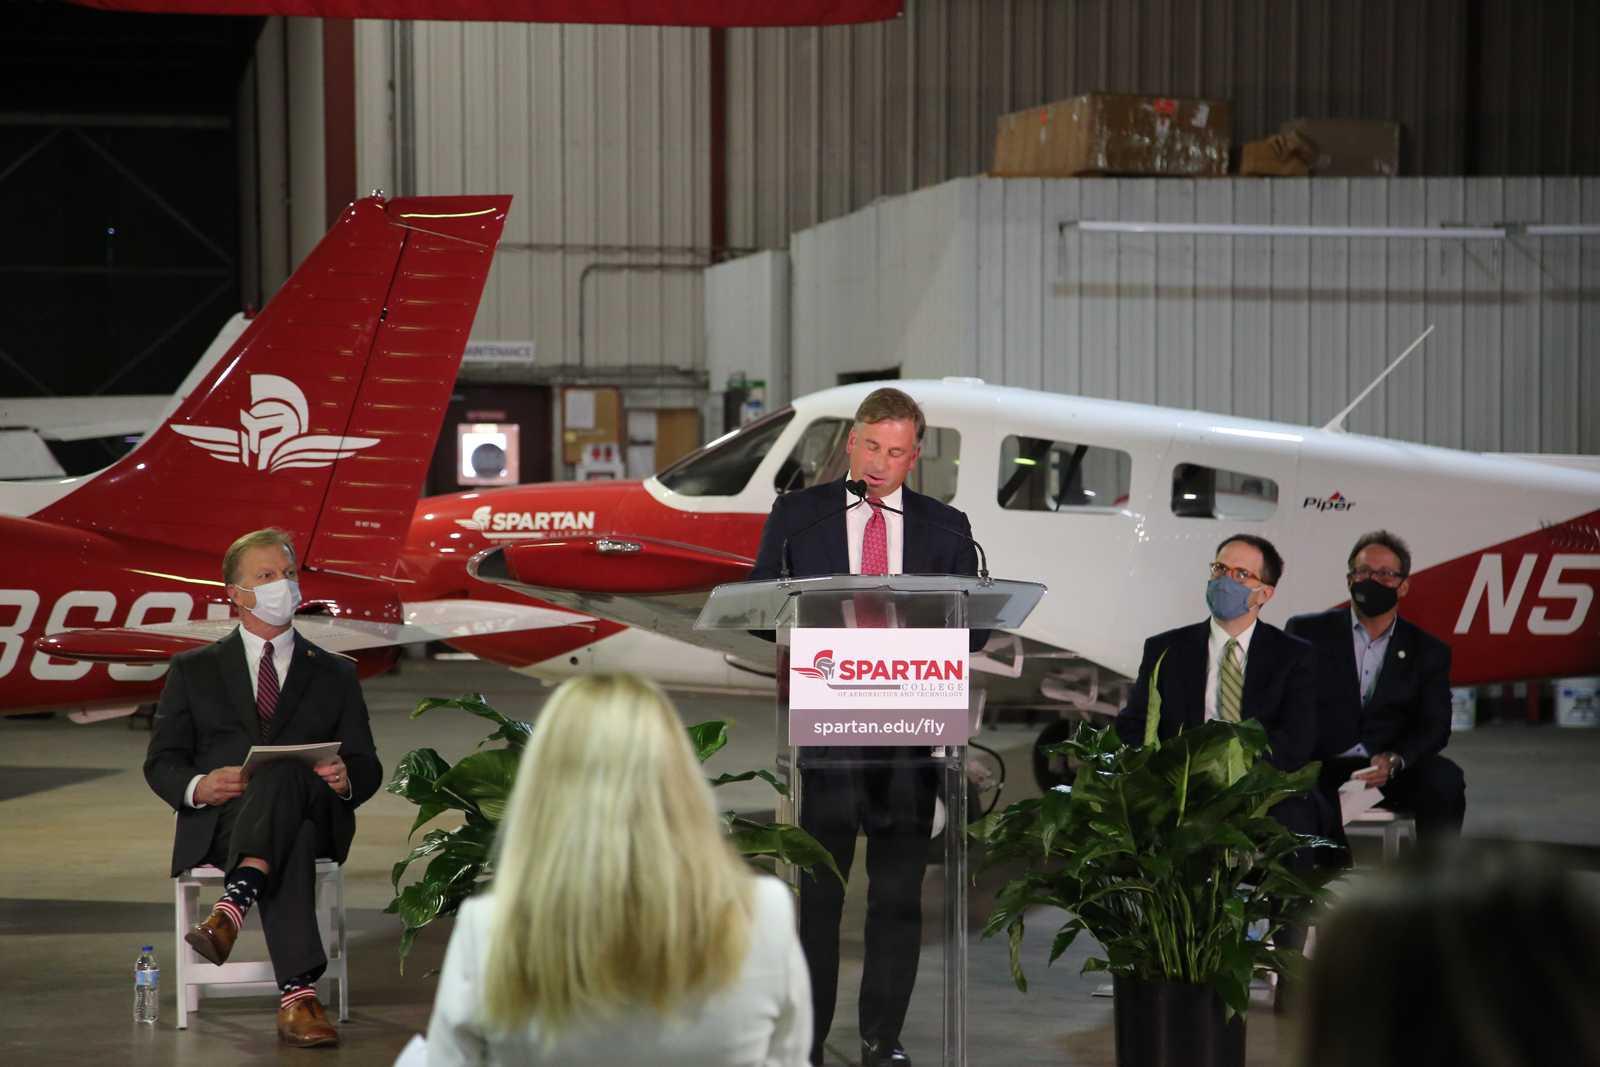 Spartan College 5000th Archer Plane Rob Polston Speaking